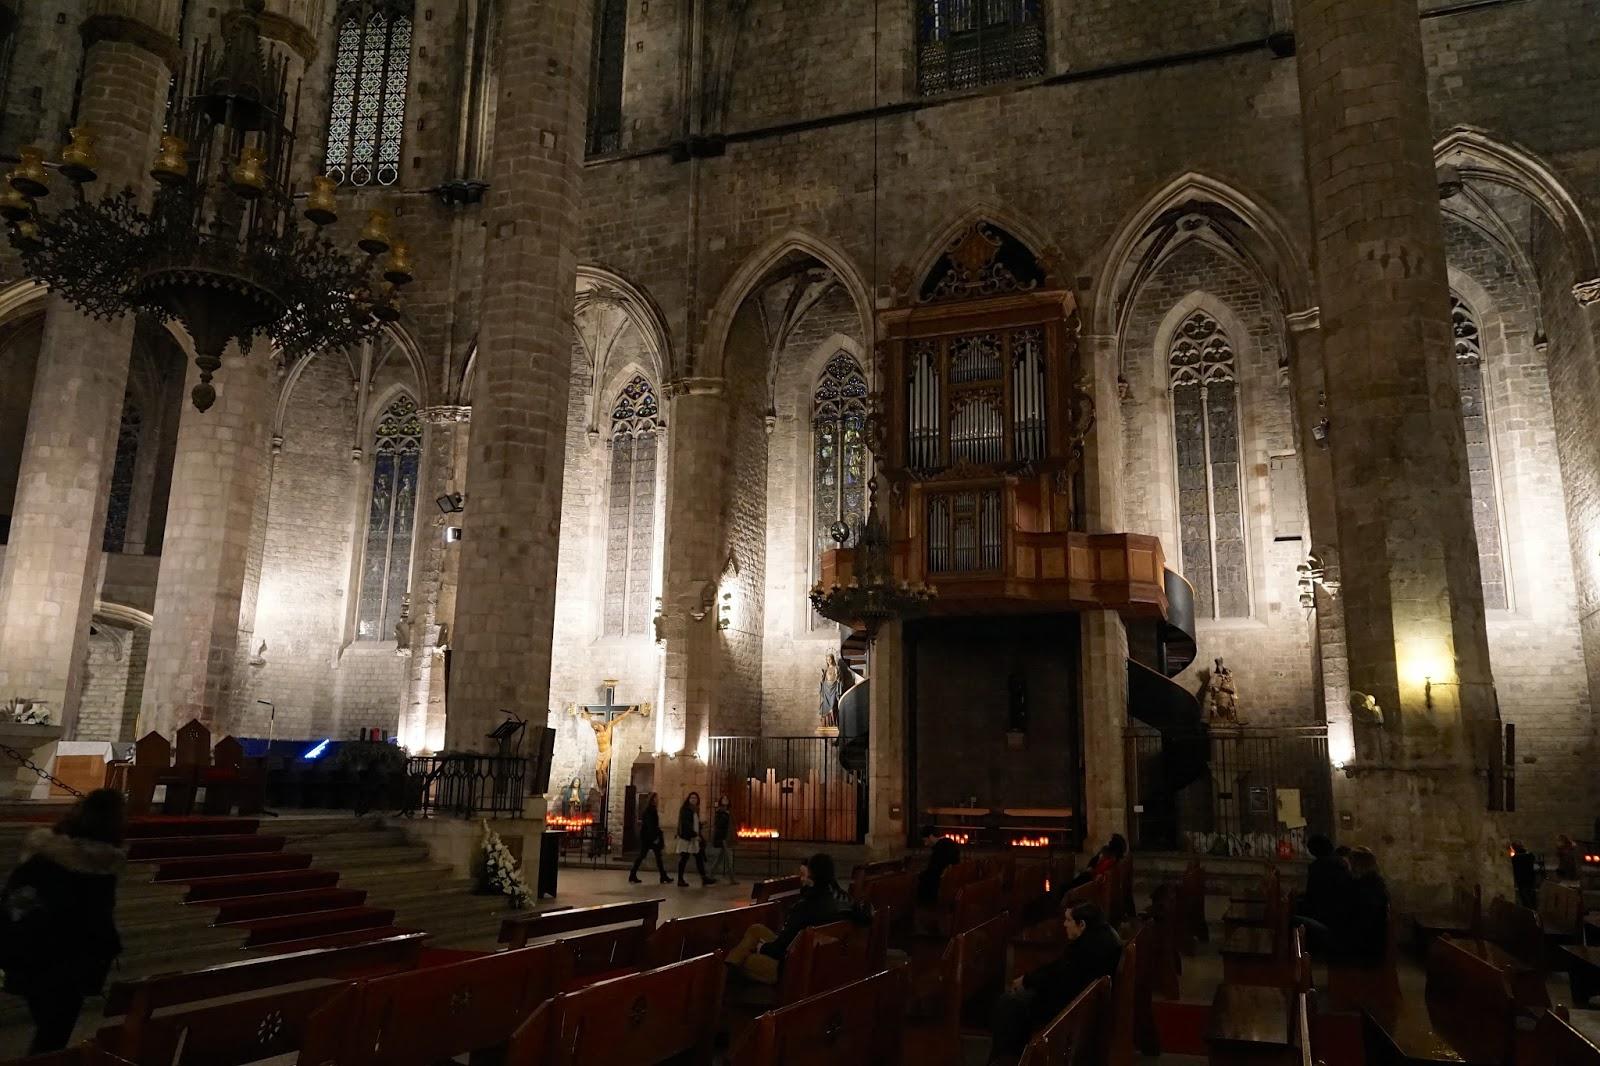 サンタ・マリア・ダル・マル教会(La església de Santa Maria del Mar)